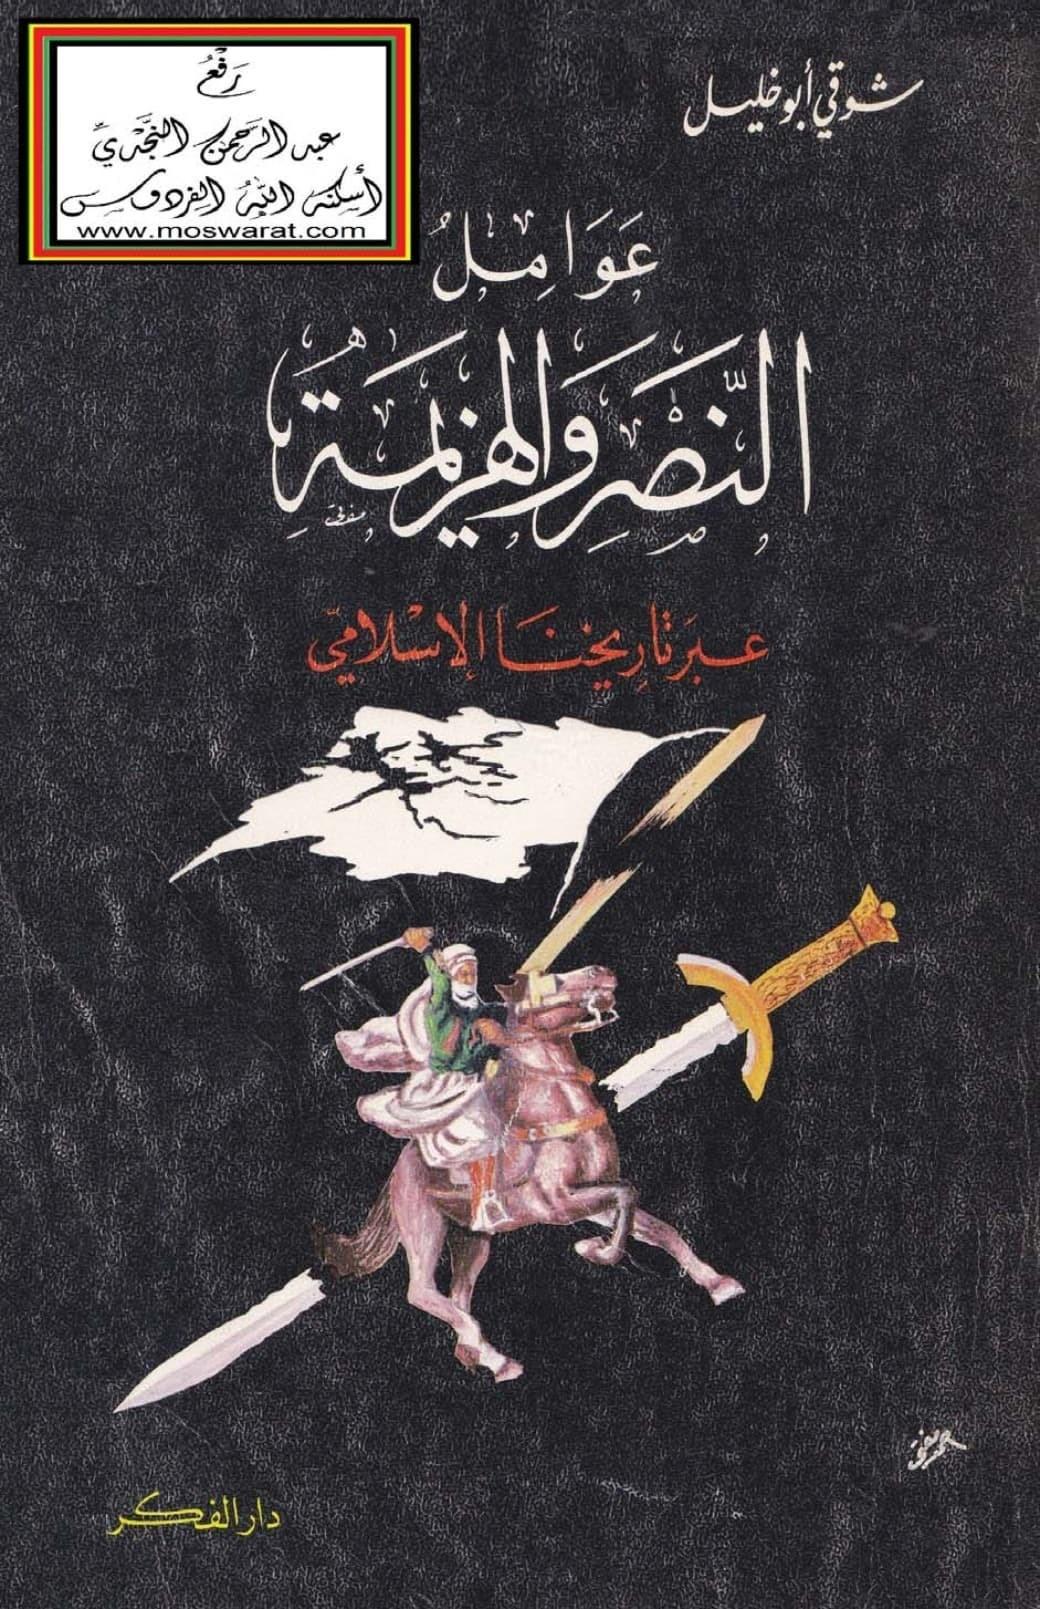 تحميل كتاب: عوامل النصر والهزيمة عبر تاريخنا الإسلامي